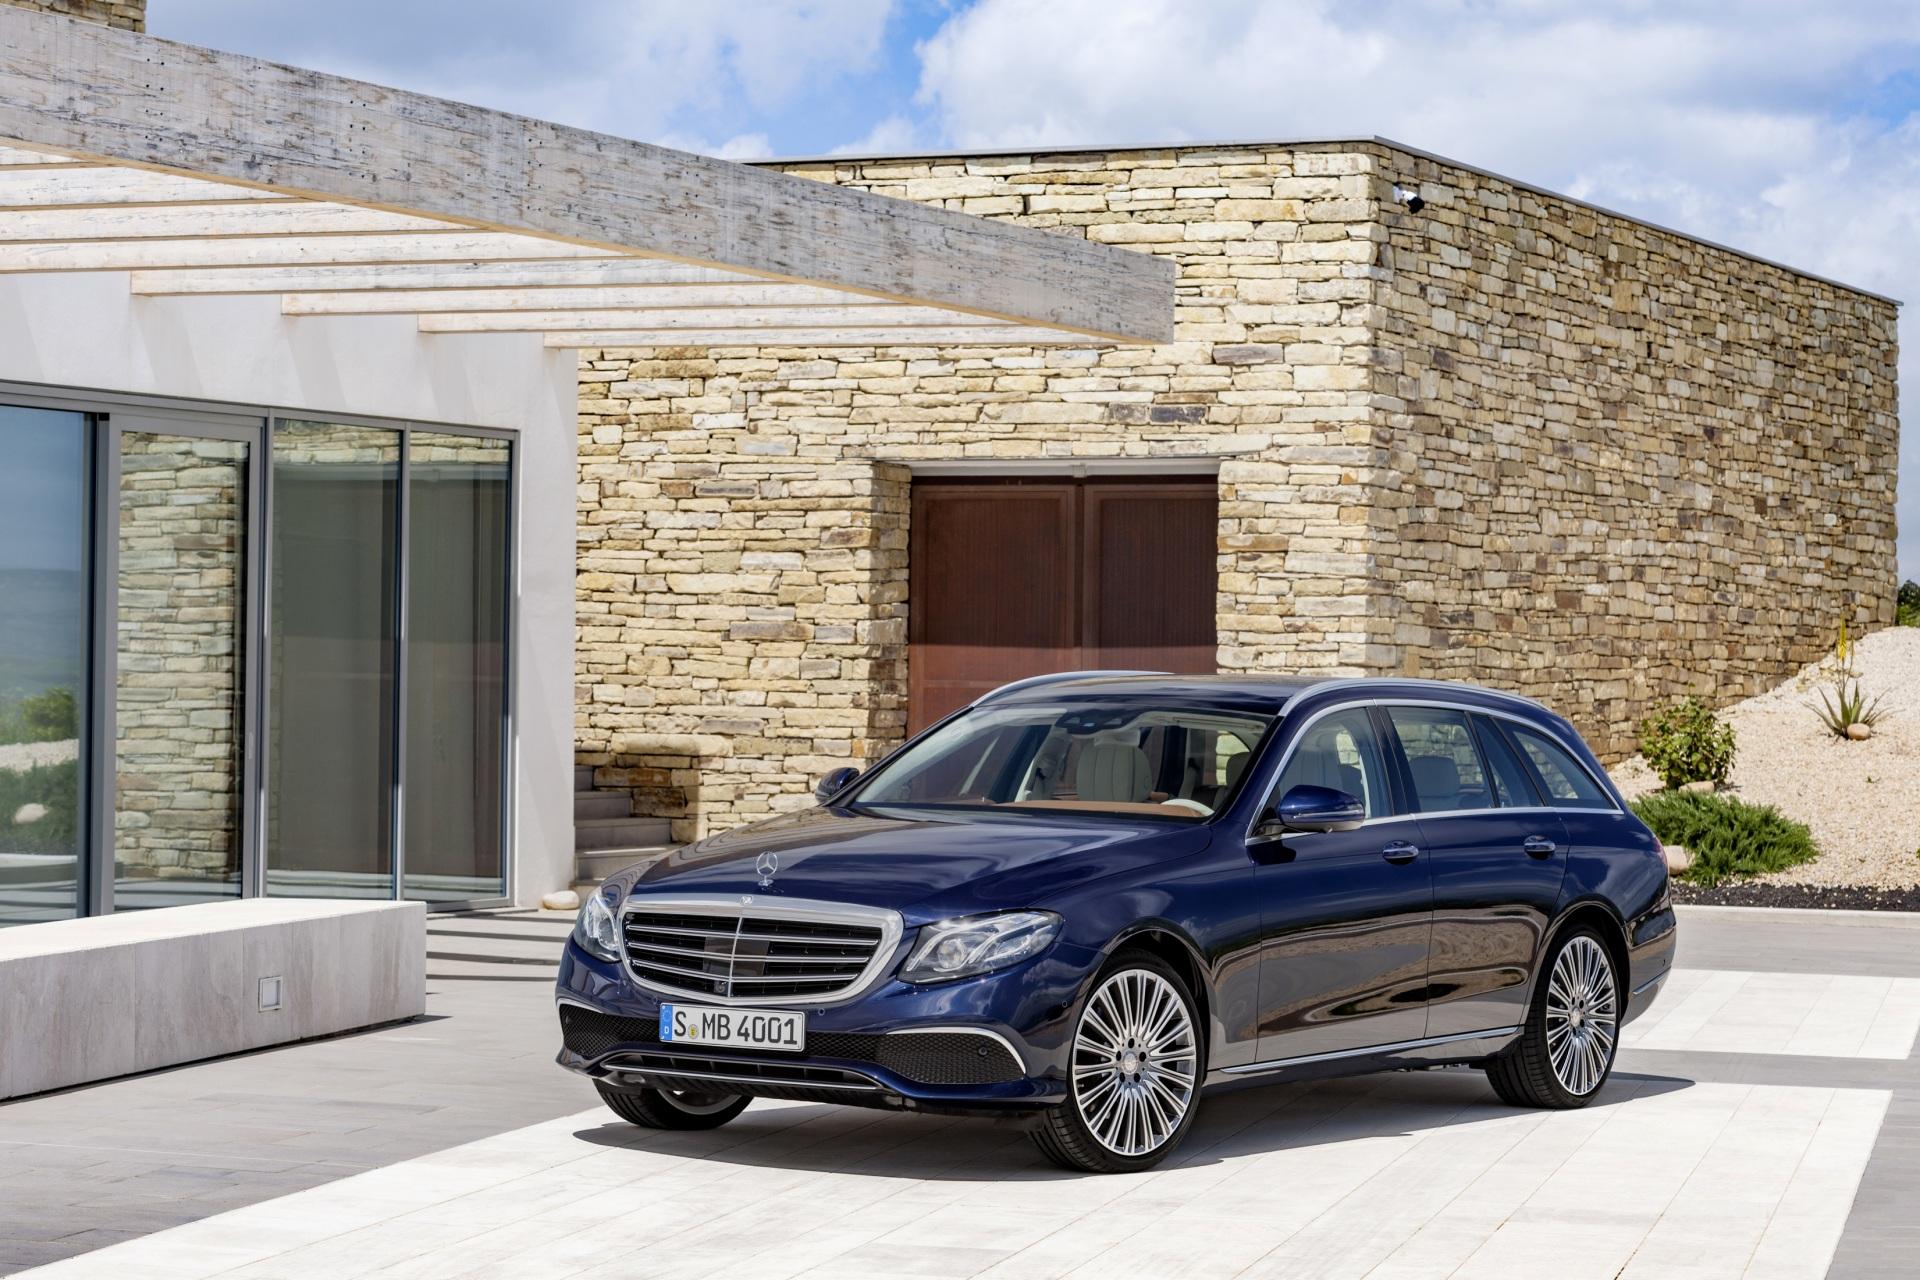 Картинка Mercedes-Benz 2016 E 200 d Exclusive Line Estate синяя Металлик Автомобили 1920x1280 Мерседес бенц синих синие Синий авто машина машины автомобиль